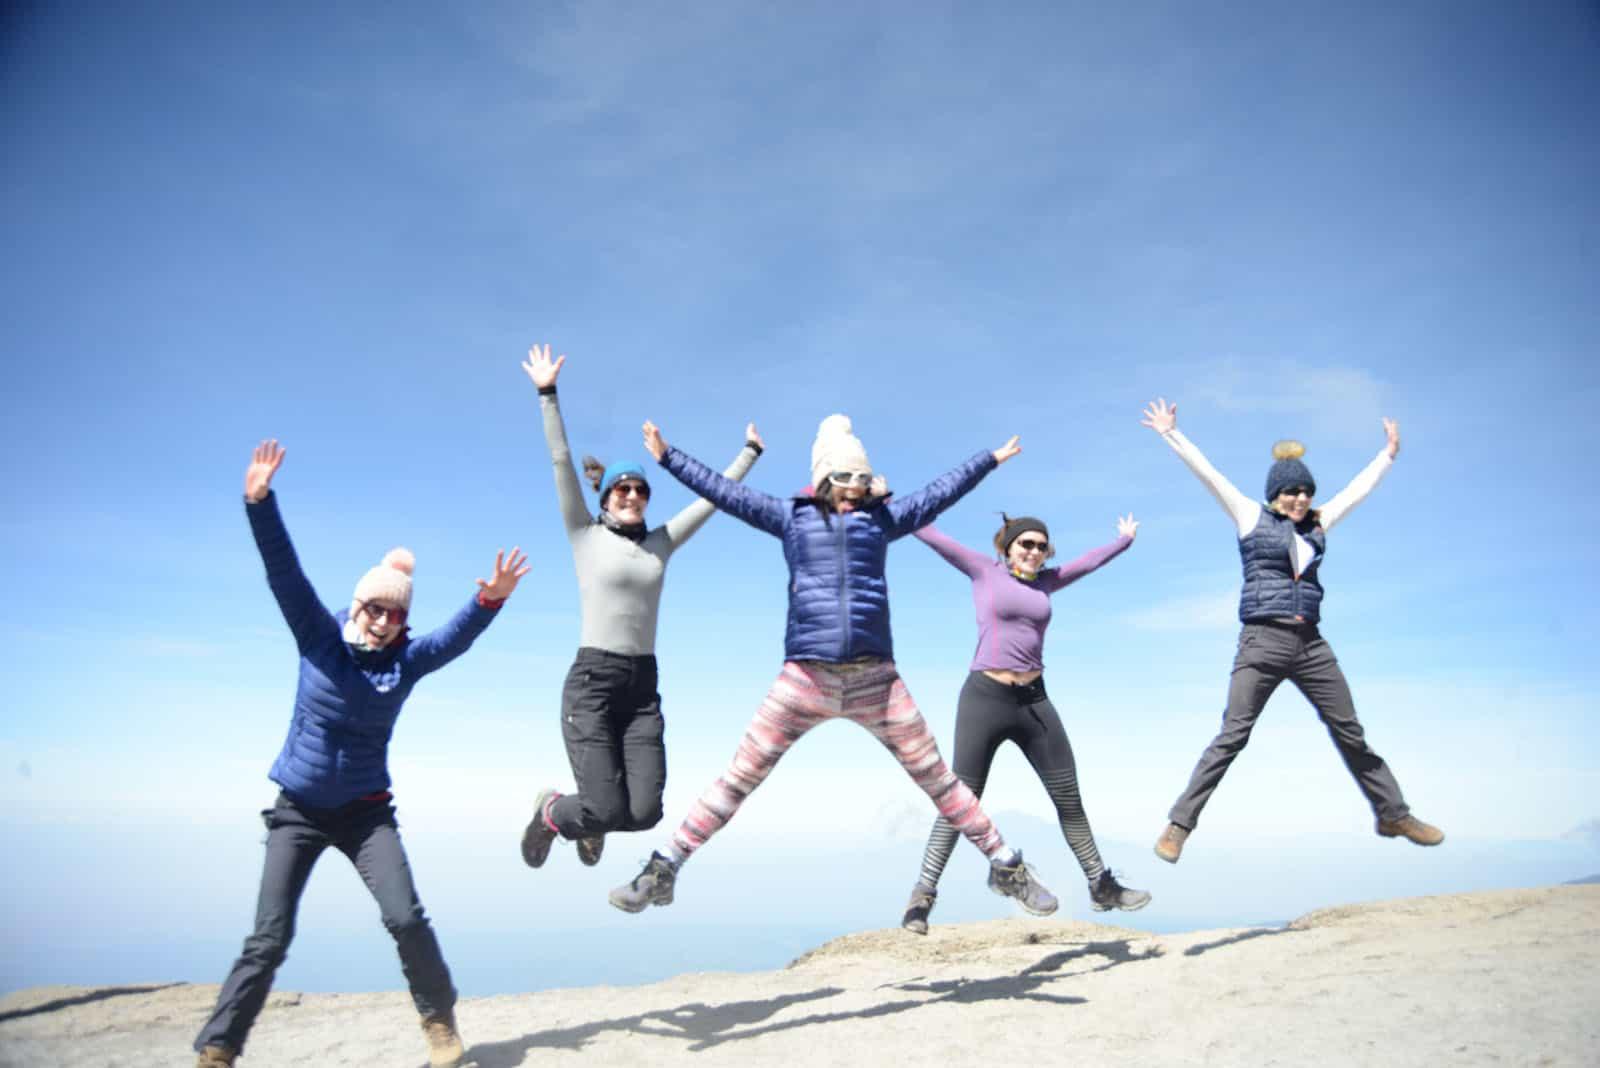 Kilimanjaro Trekking Excitements